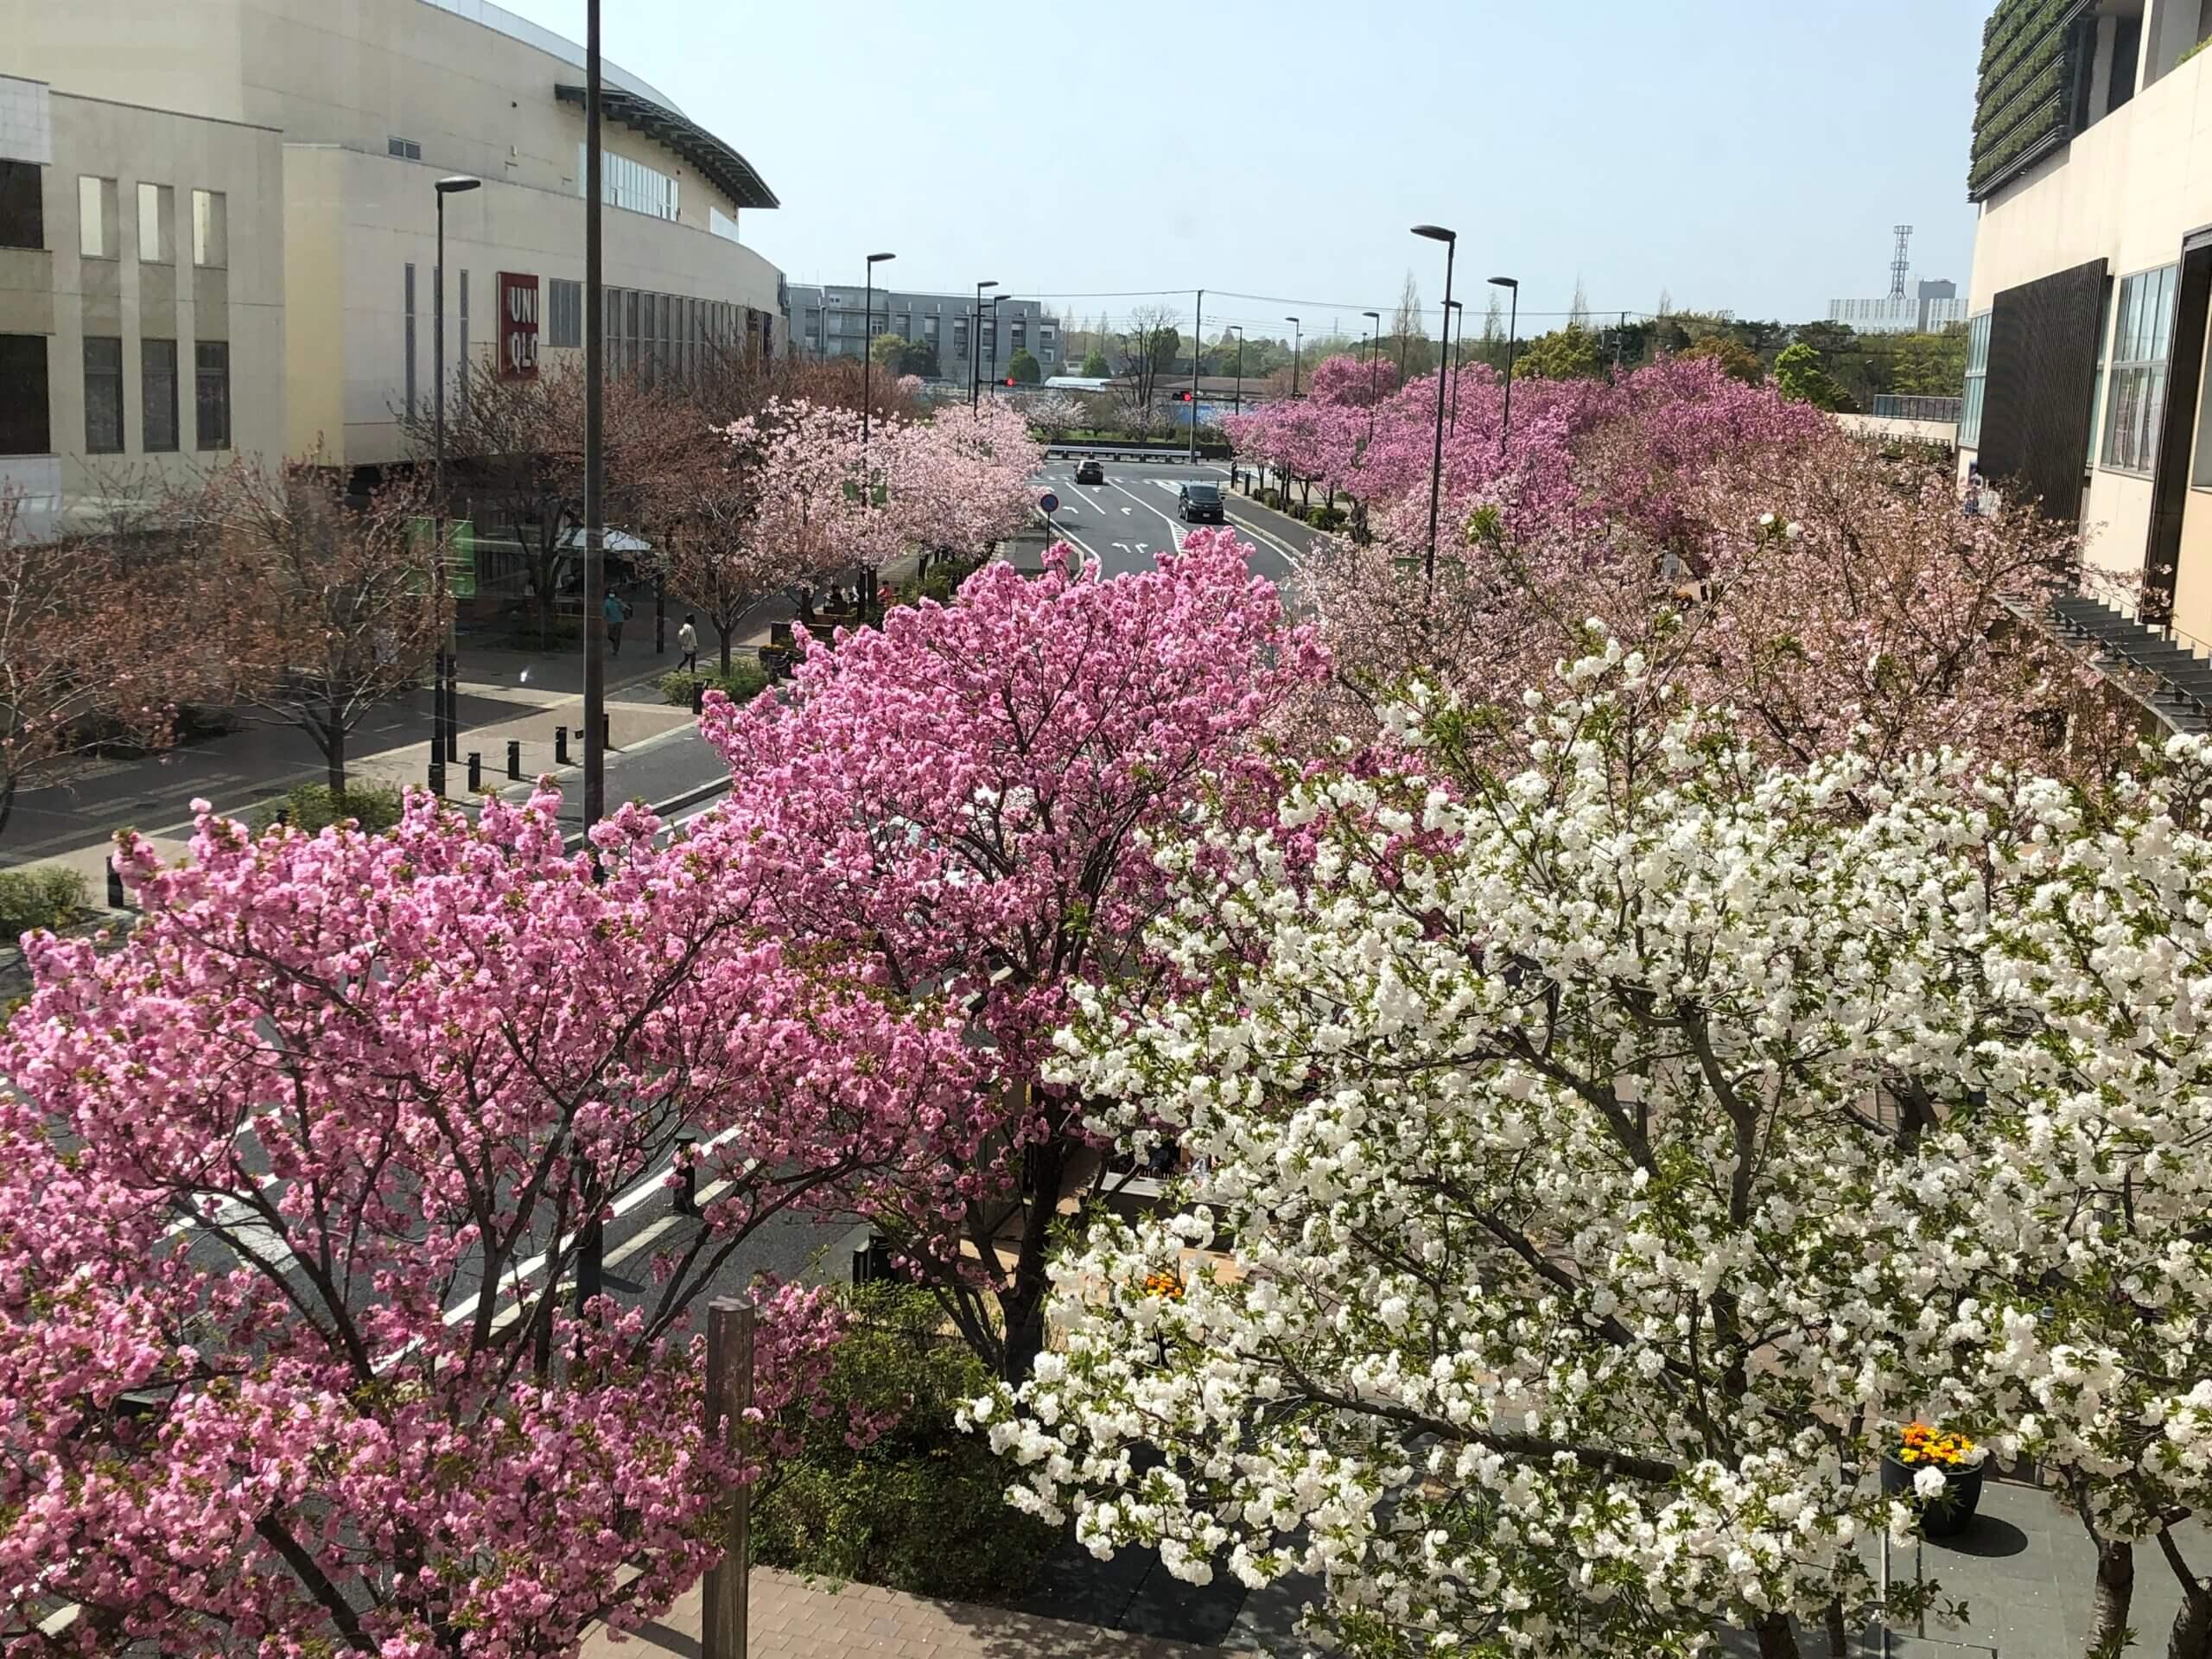 柏の葉を楽しもう!『柏の葉キャンパス駅前・桜並木が満開です』 <br>~流山、つくば市、市川市、さいたま市、八千代市でリフォーム工事をお考えのお客様へ~